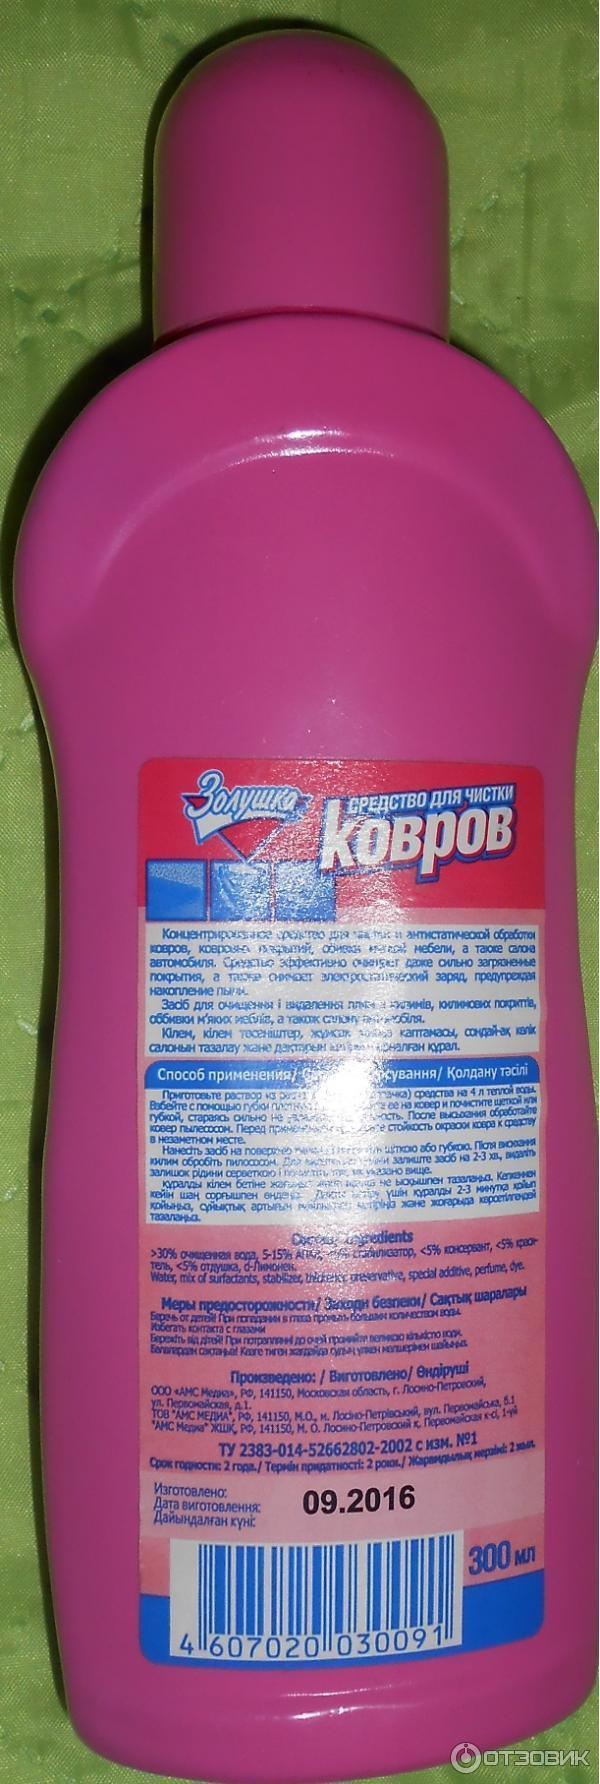 Средства для химчистки в домашних условиях 364